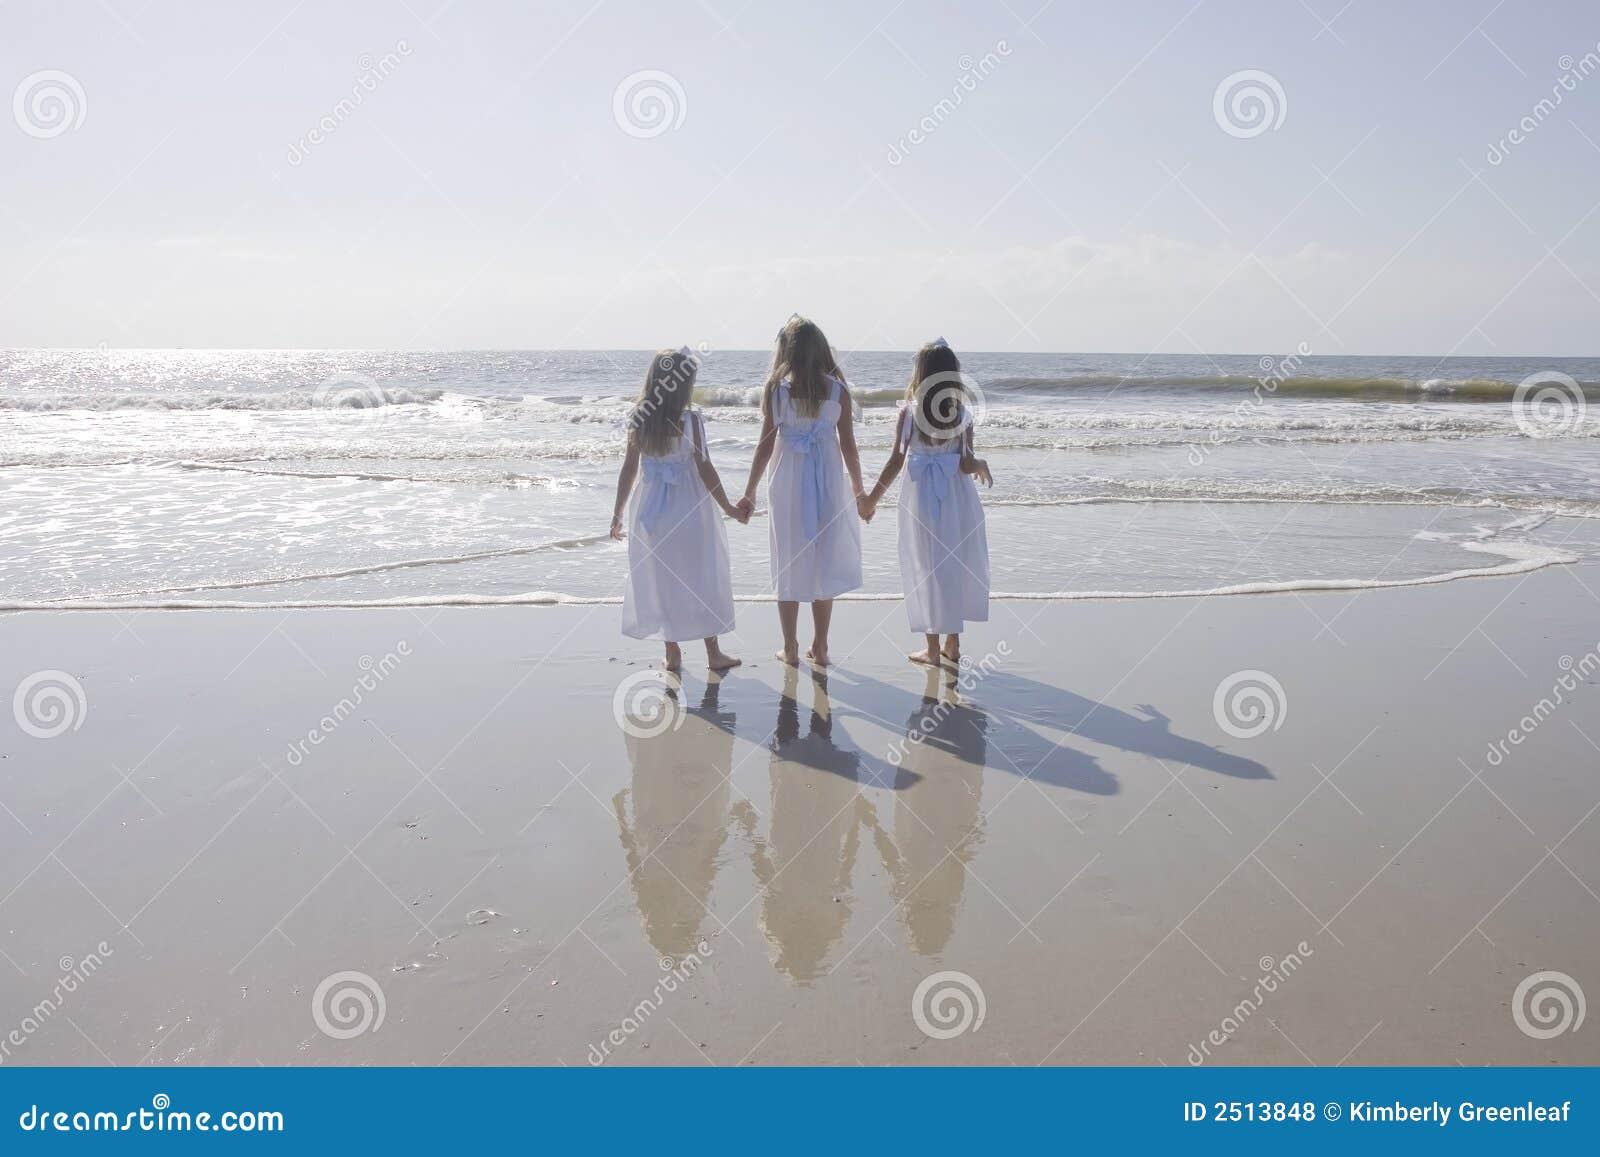 Trzymaj ręce girlss 3